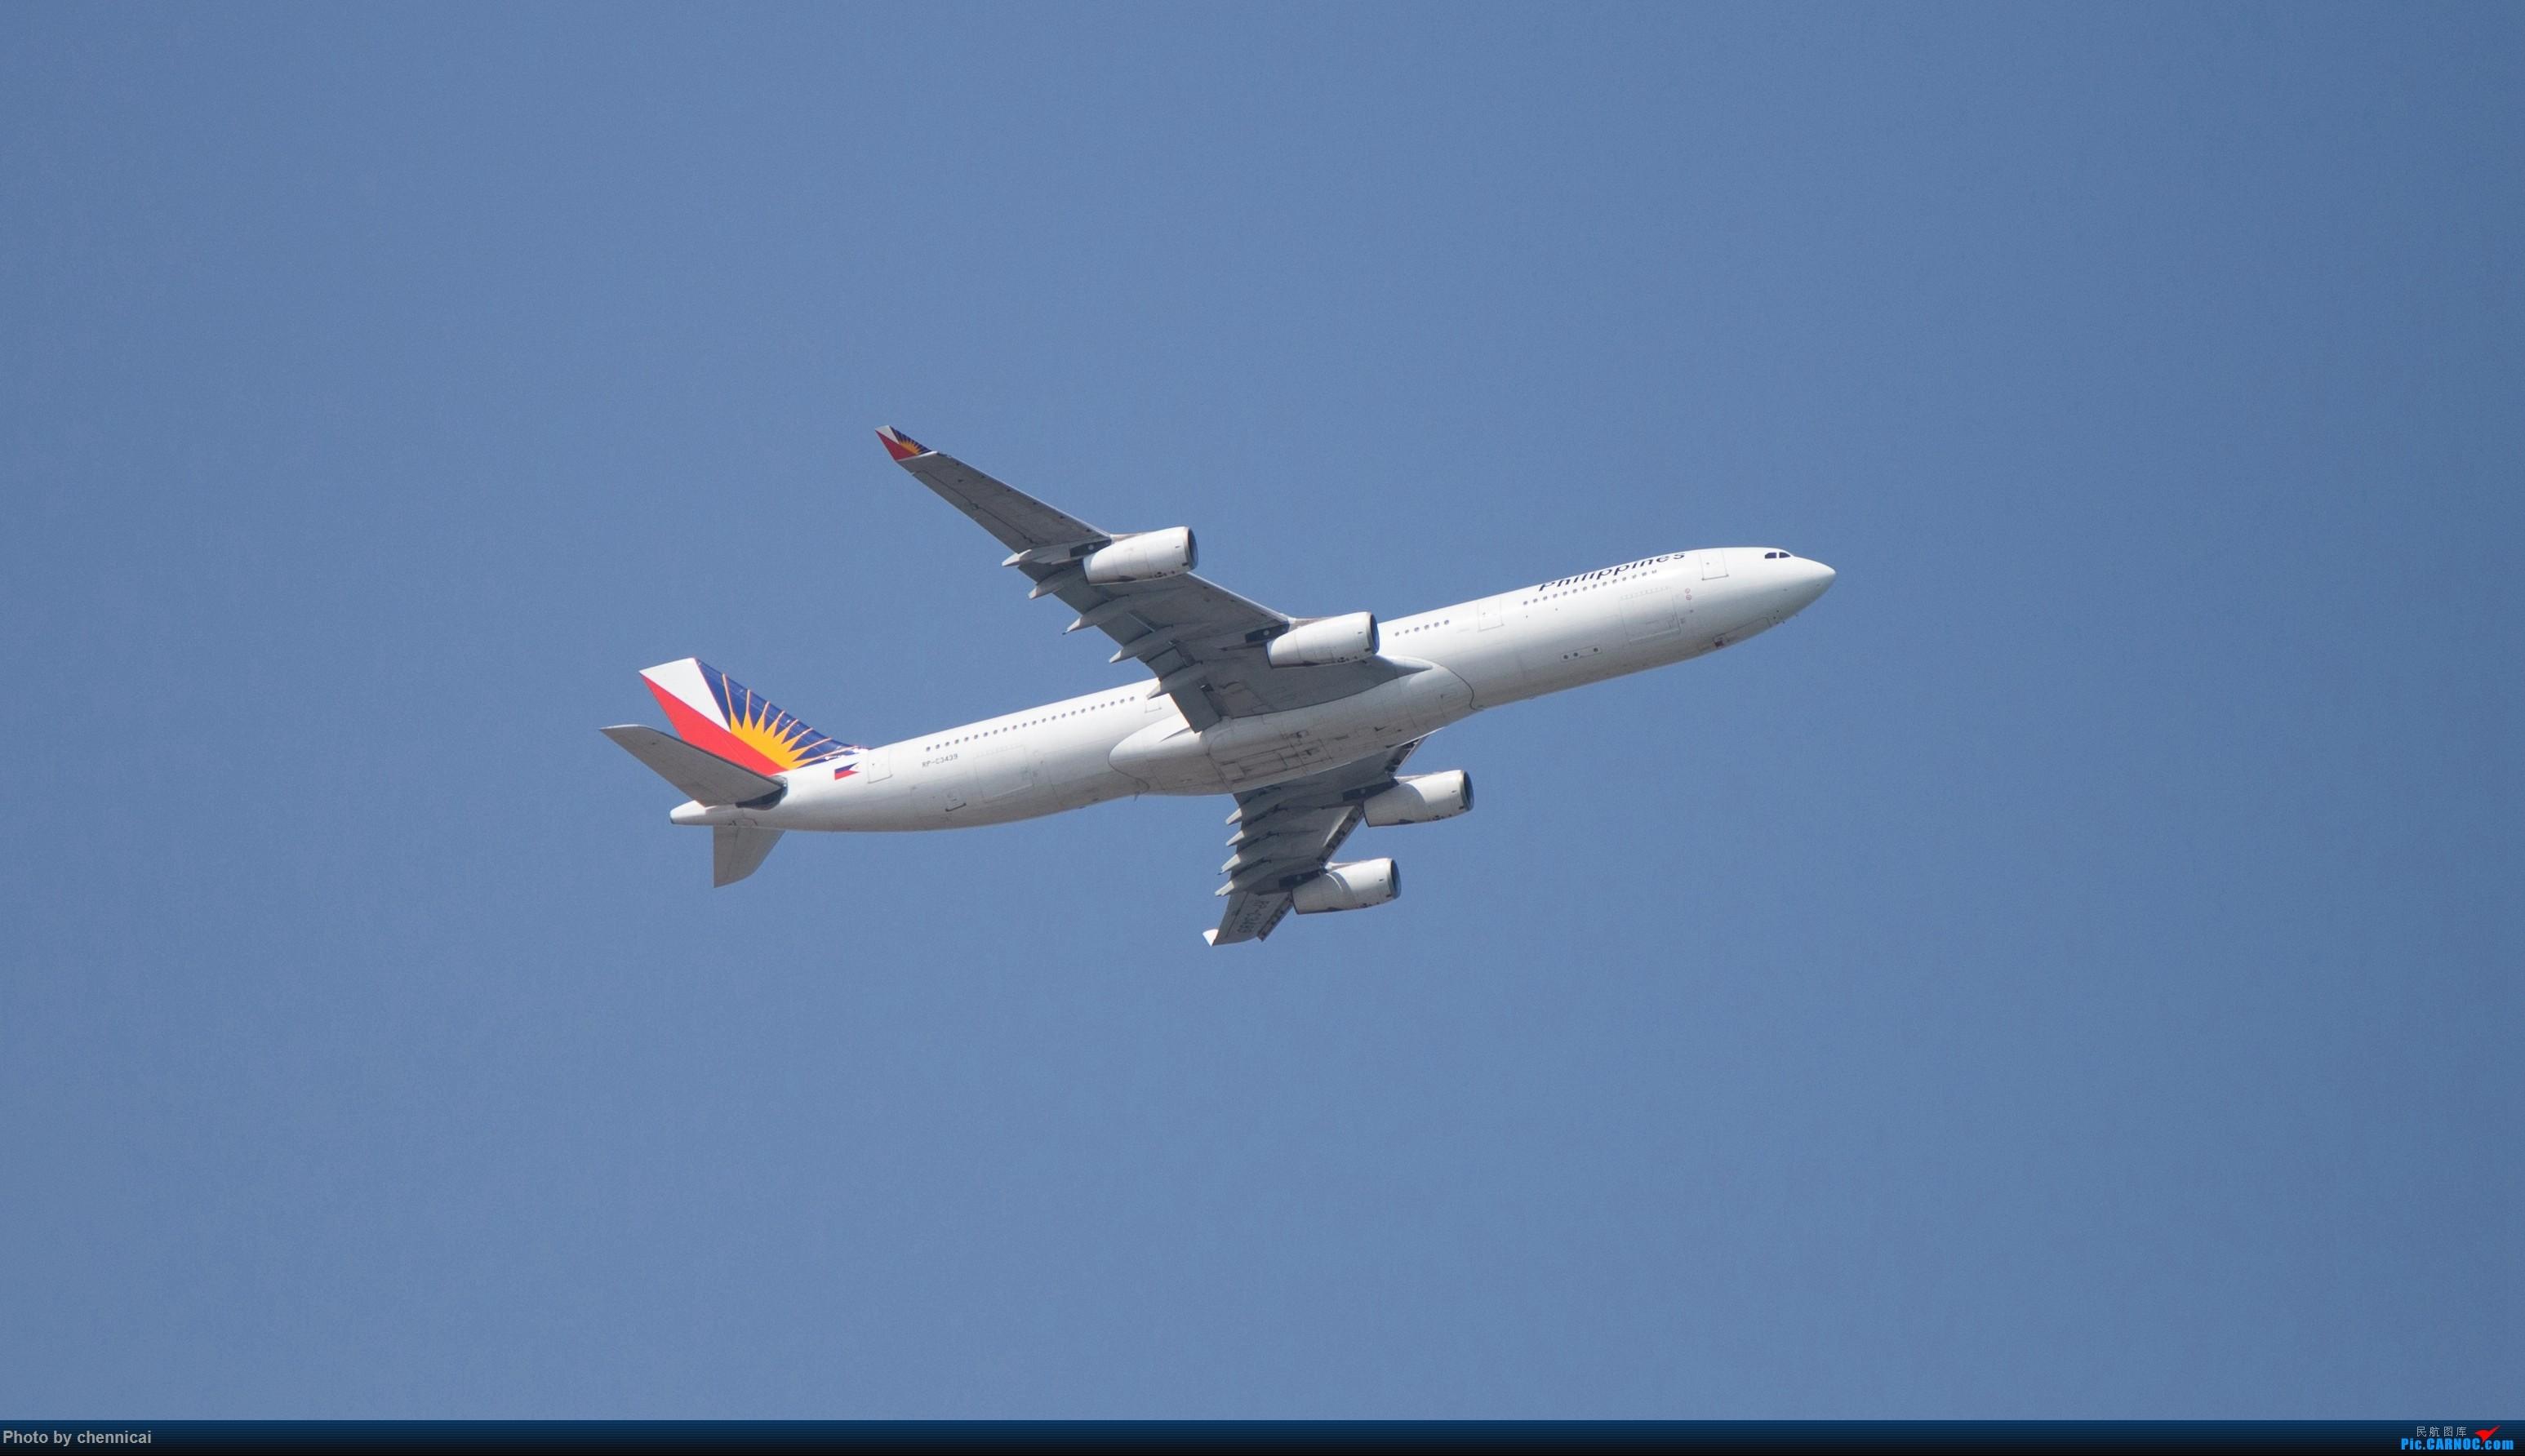 [原创]5APU降厦门 AIRBUS A340-300 RP-C3439 中国厦门高崎国际机场